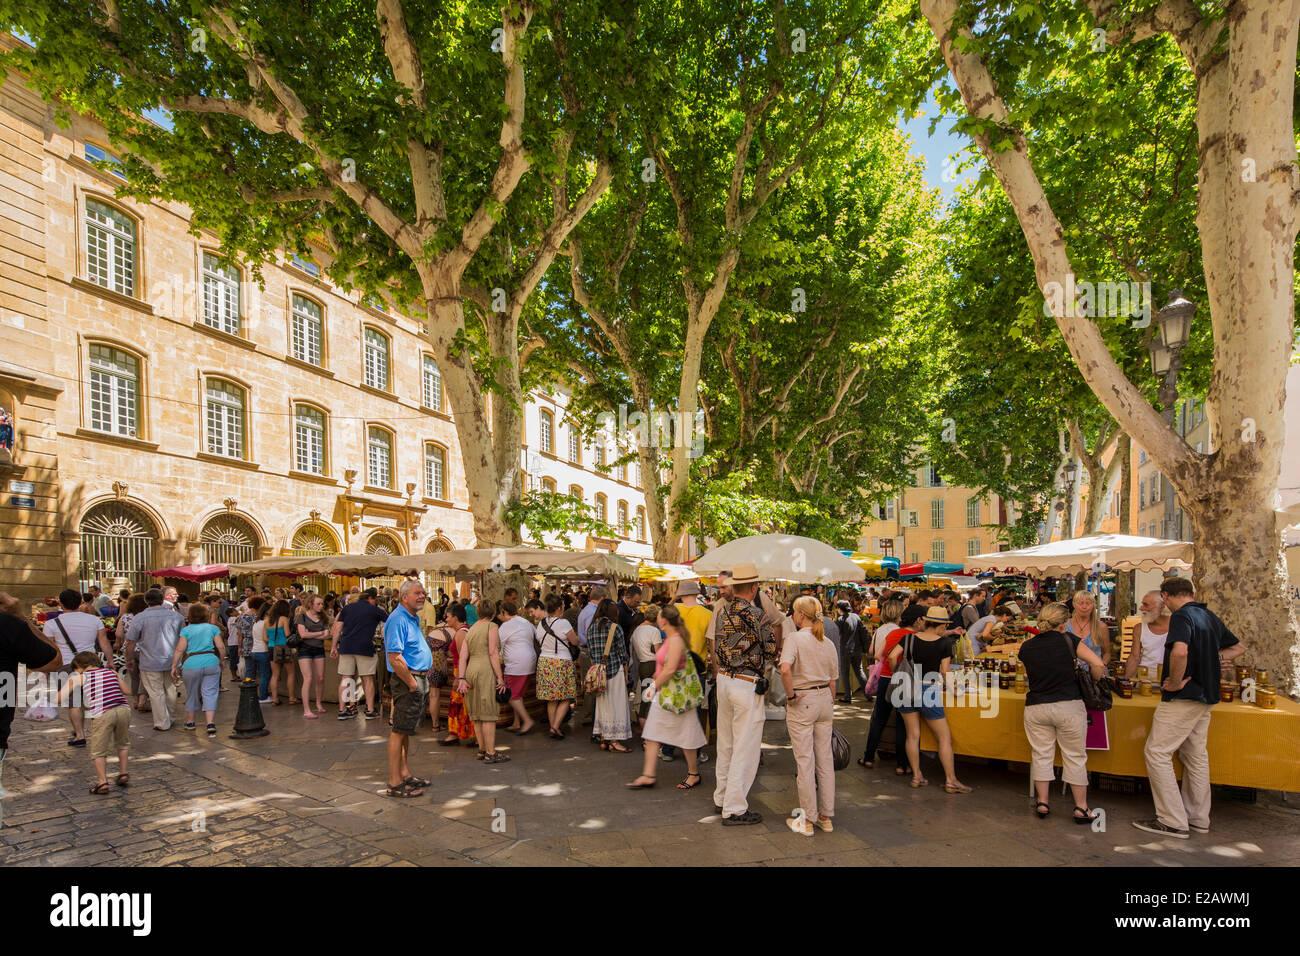 France, Bouches du Rhone, Aix en Provence, market Place Richelme - Stock Image